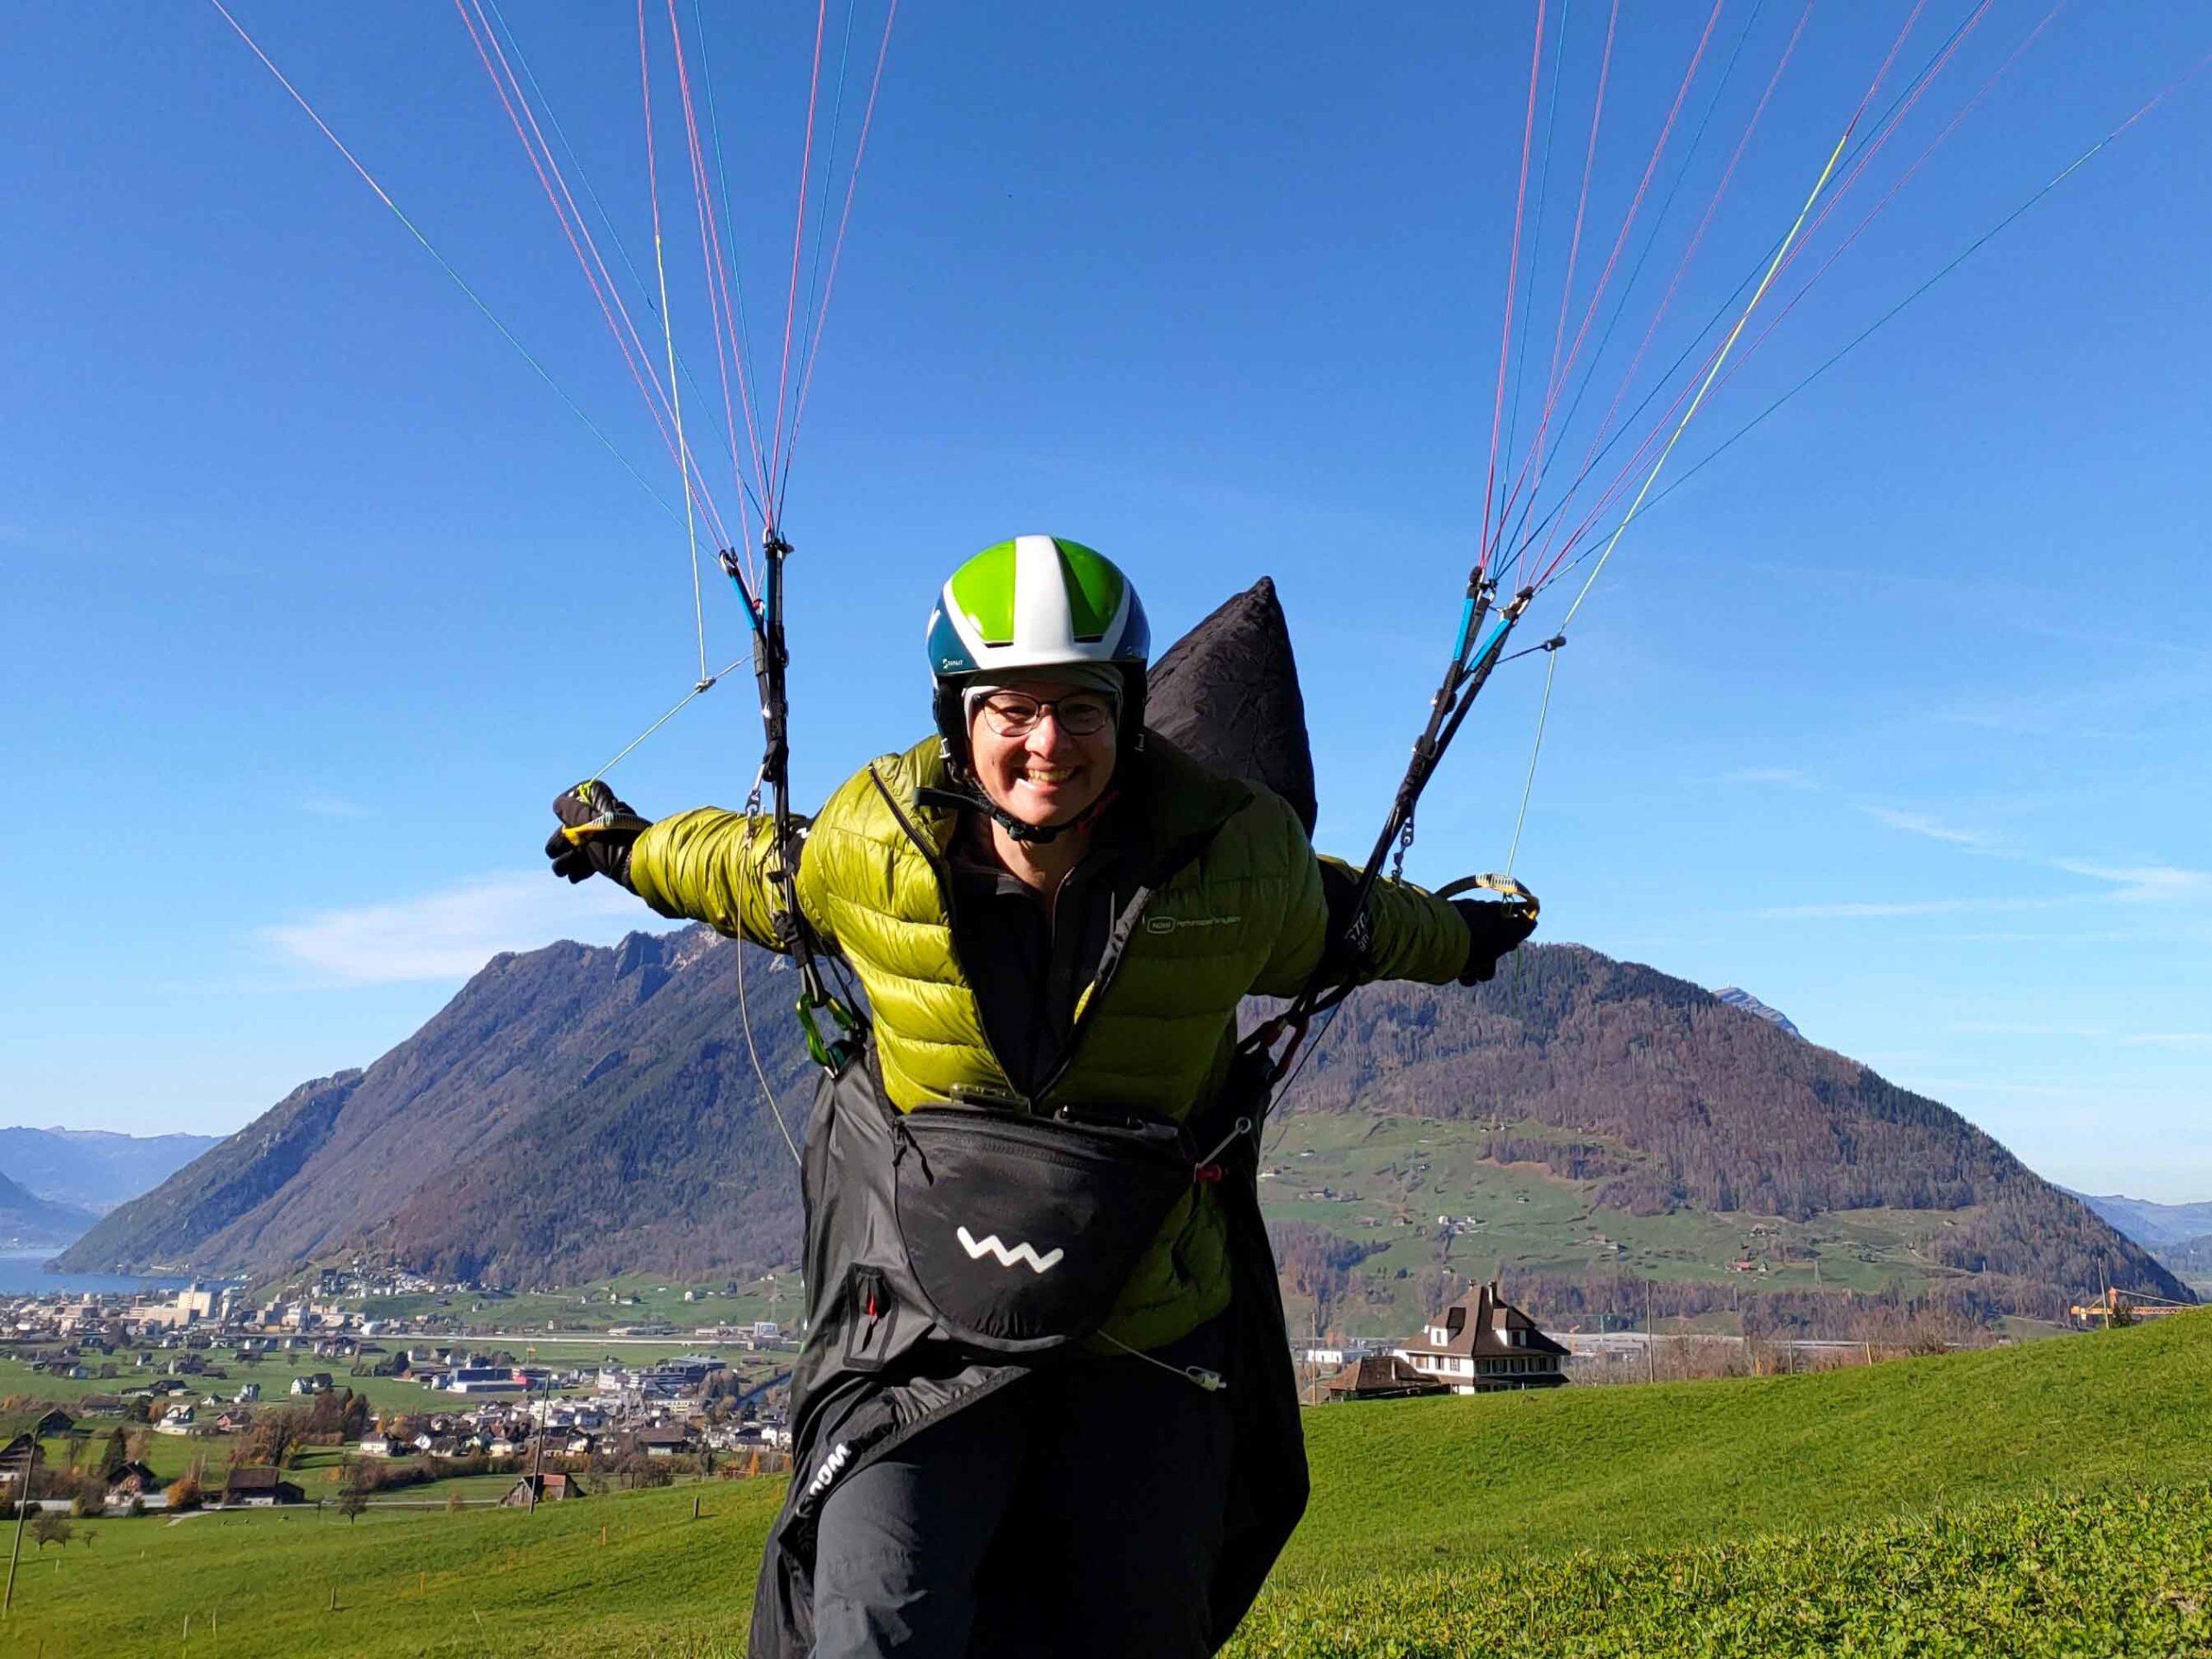 Gut gelandet: das Fliegen ist für Karin Koch-Haug ein willkommener Ausgleich zum Alltag.